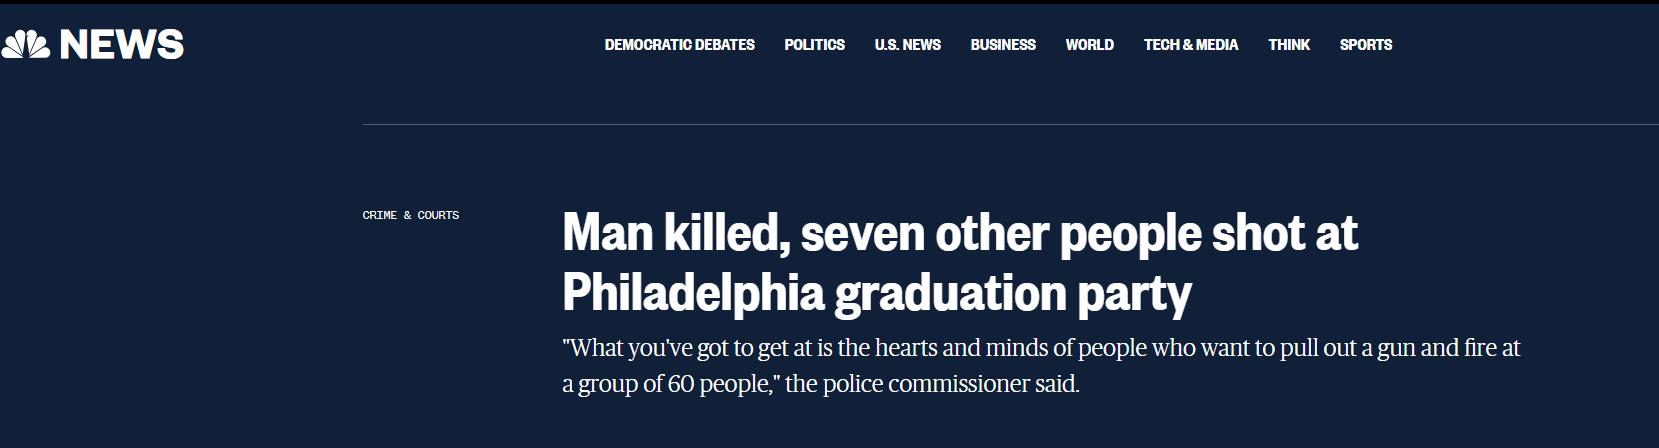 美国费城一毕业派对突发枪击案,已致1死7伤